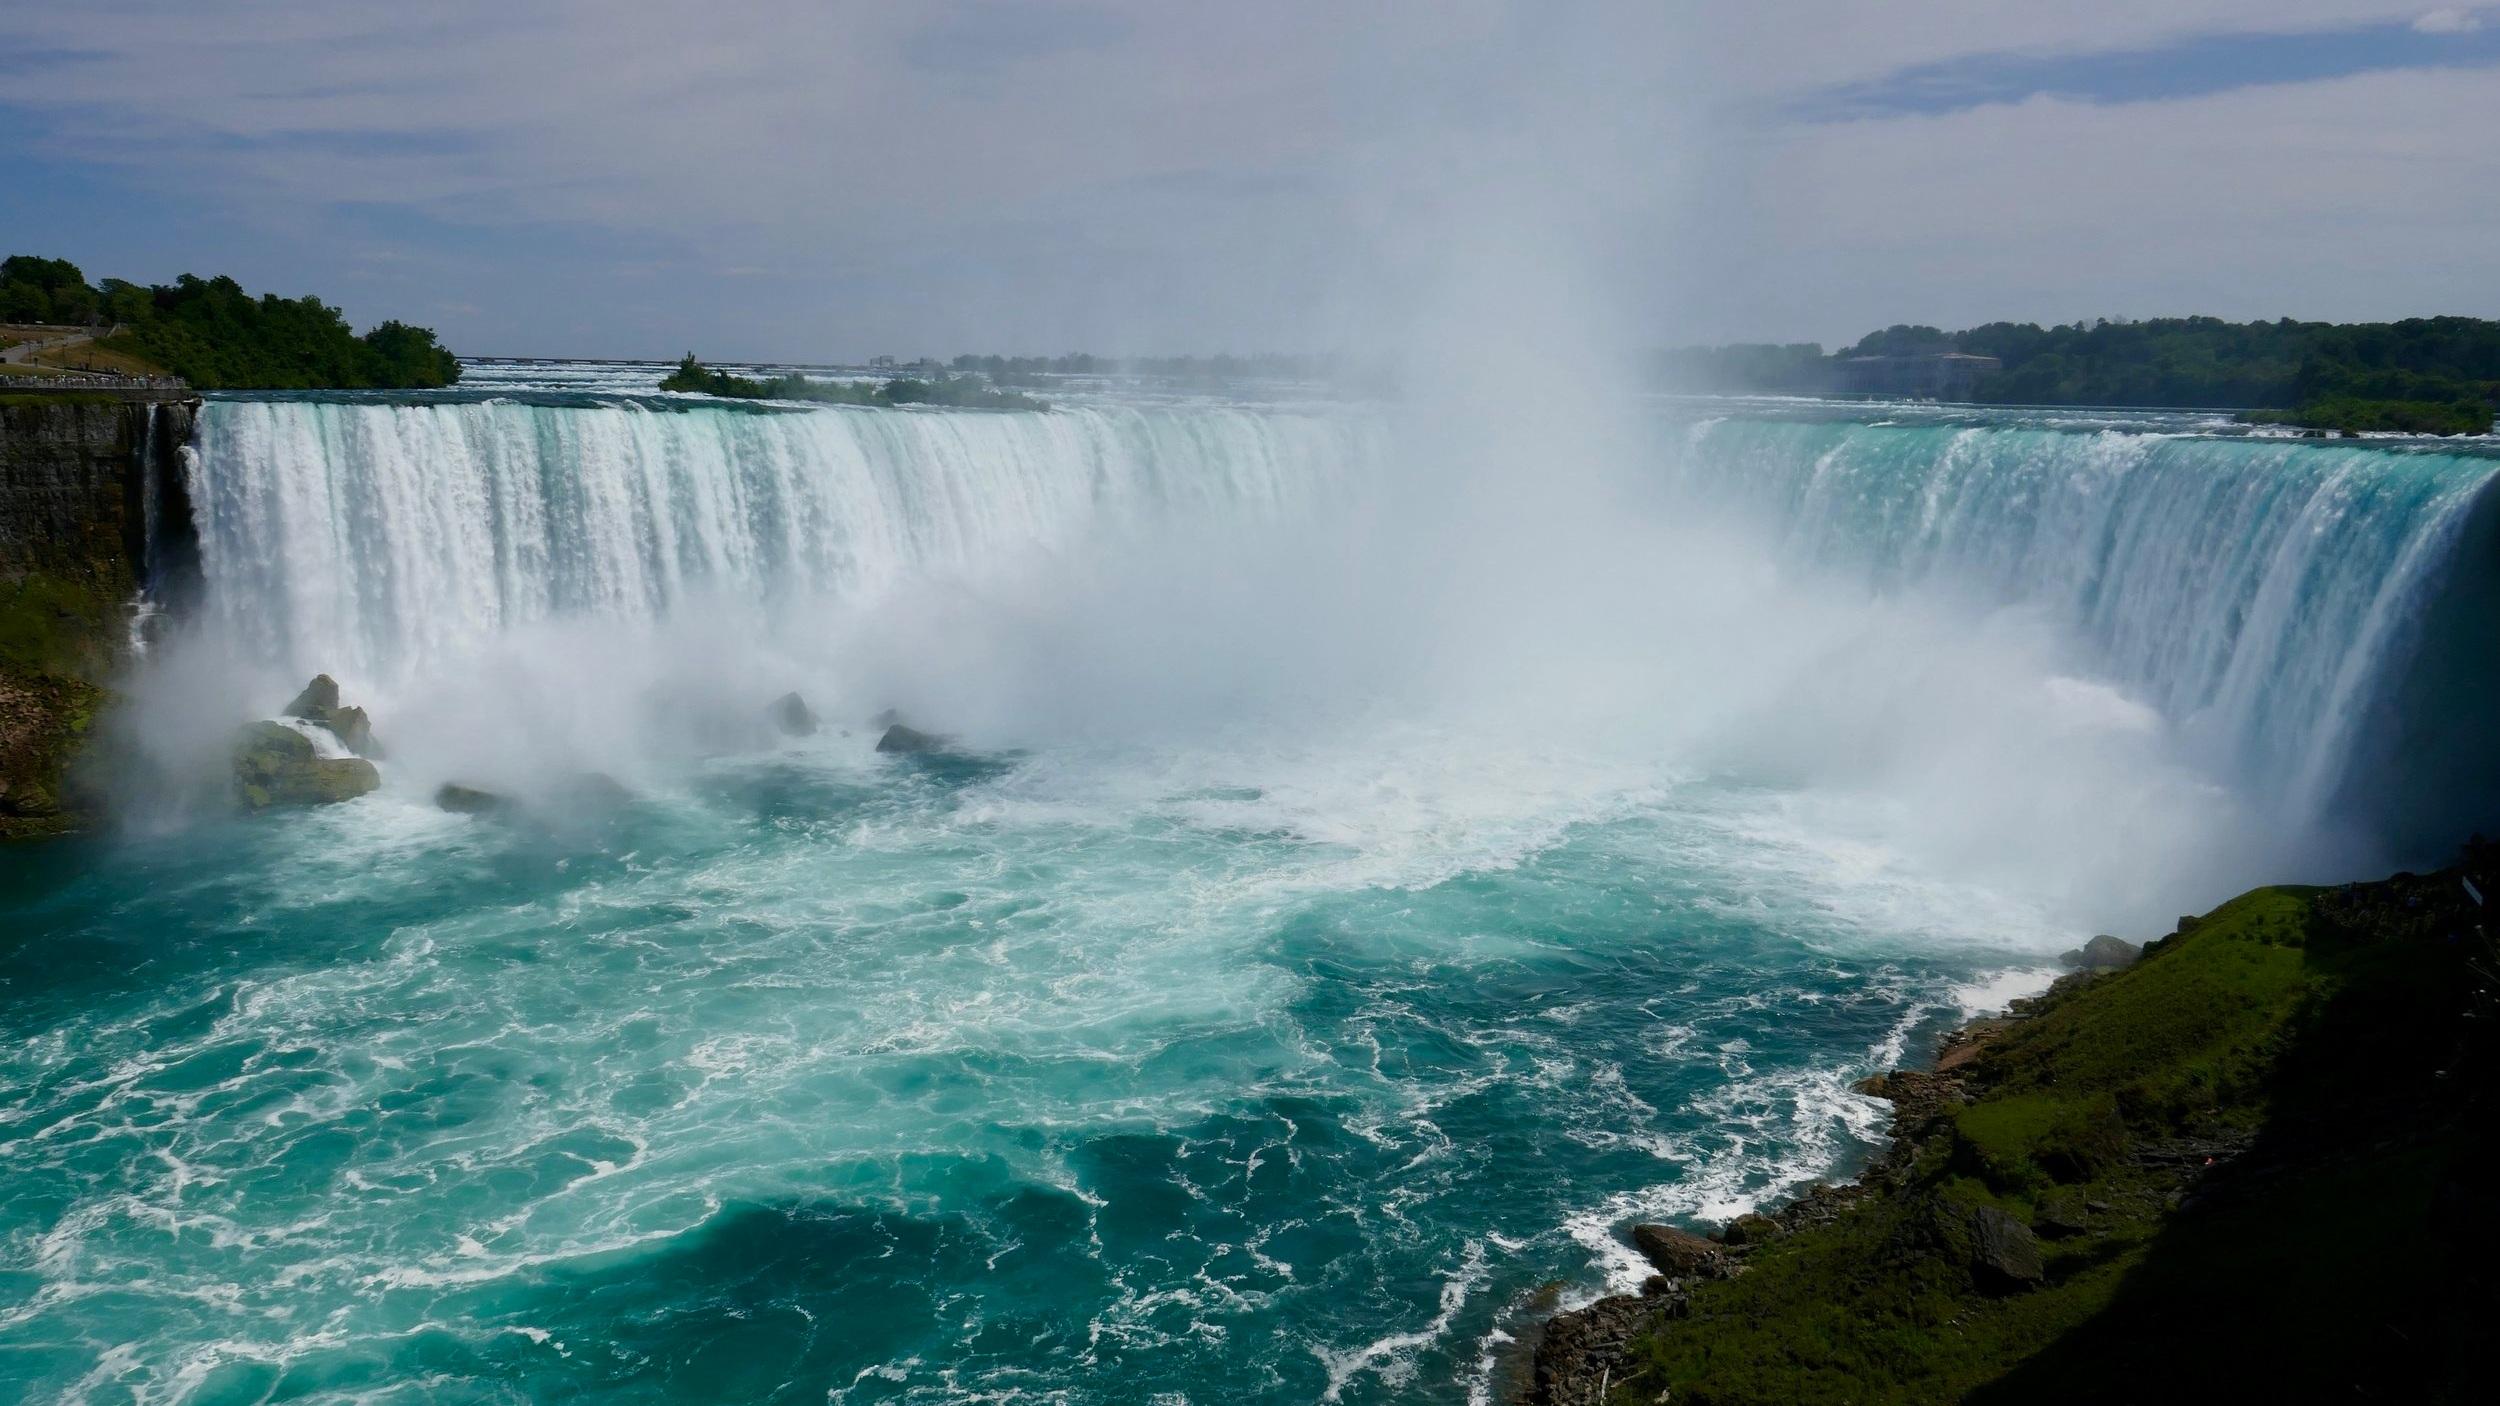 Niagarafallen - En guidad dagsutflykt till ett av världens under.. Den här upplevelsen innefattar bland annat båttur i Niagara, otroliga Horseshoes Falls och lunchbuffé med förtrollande utsikt över fallen.